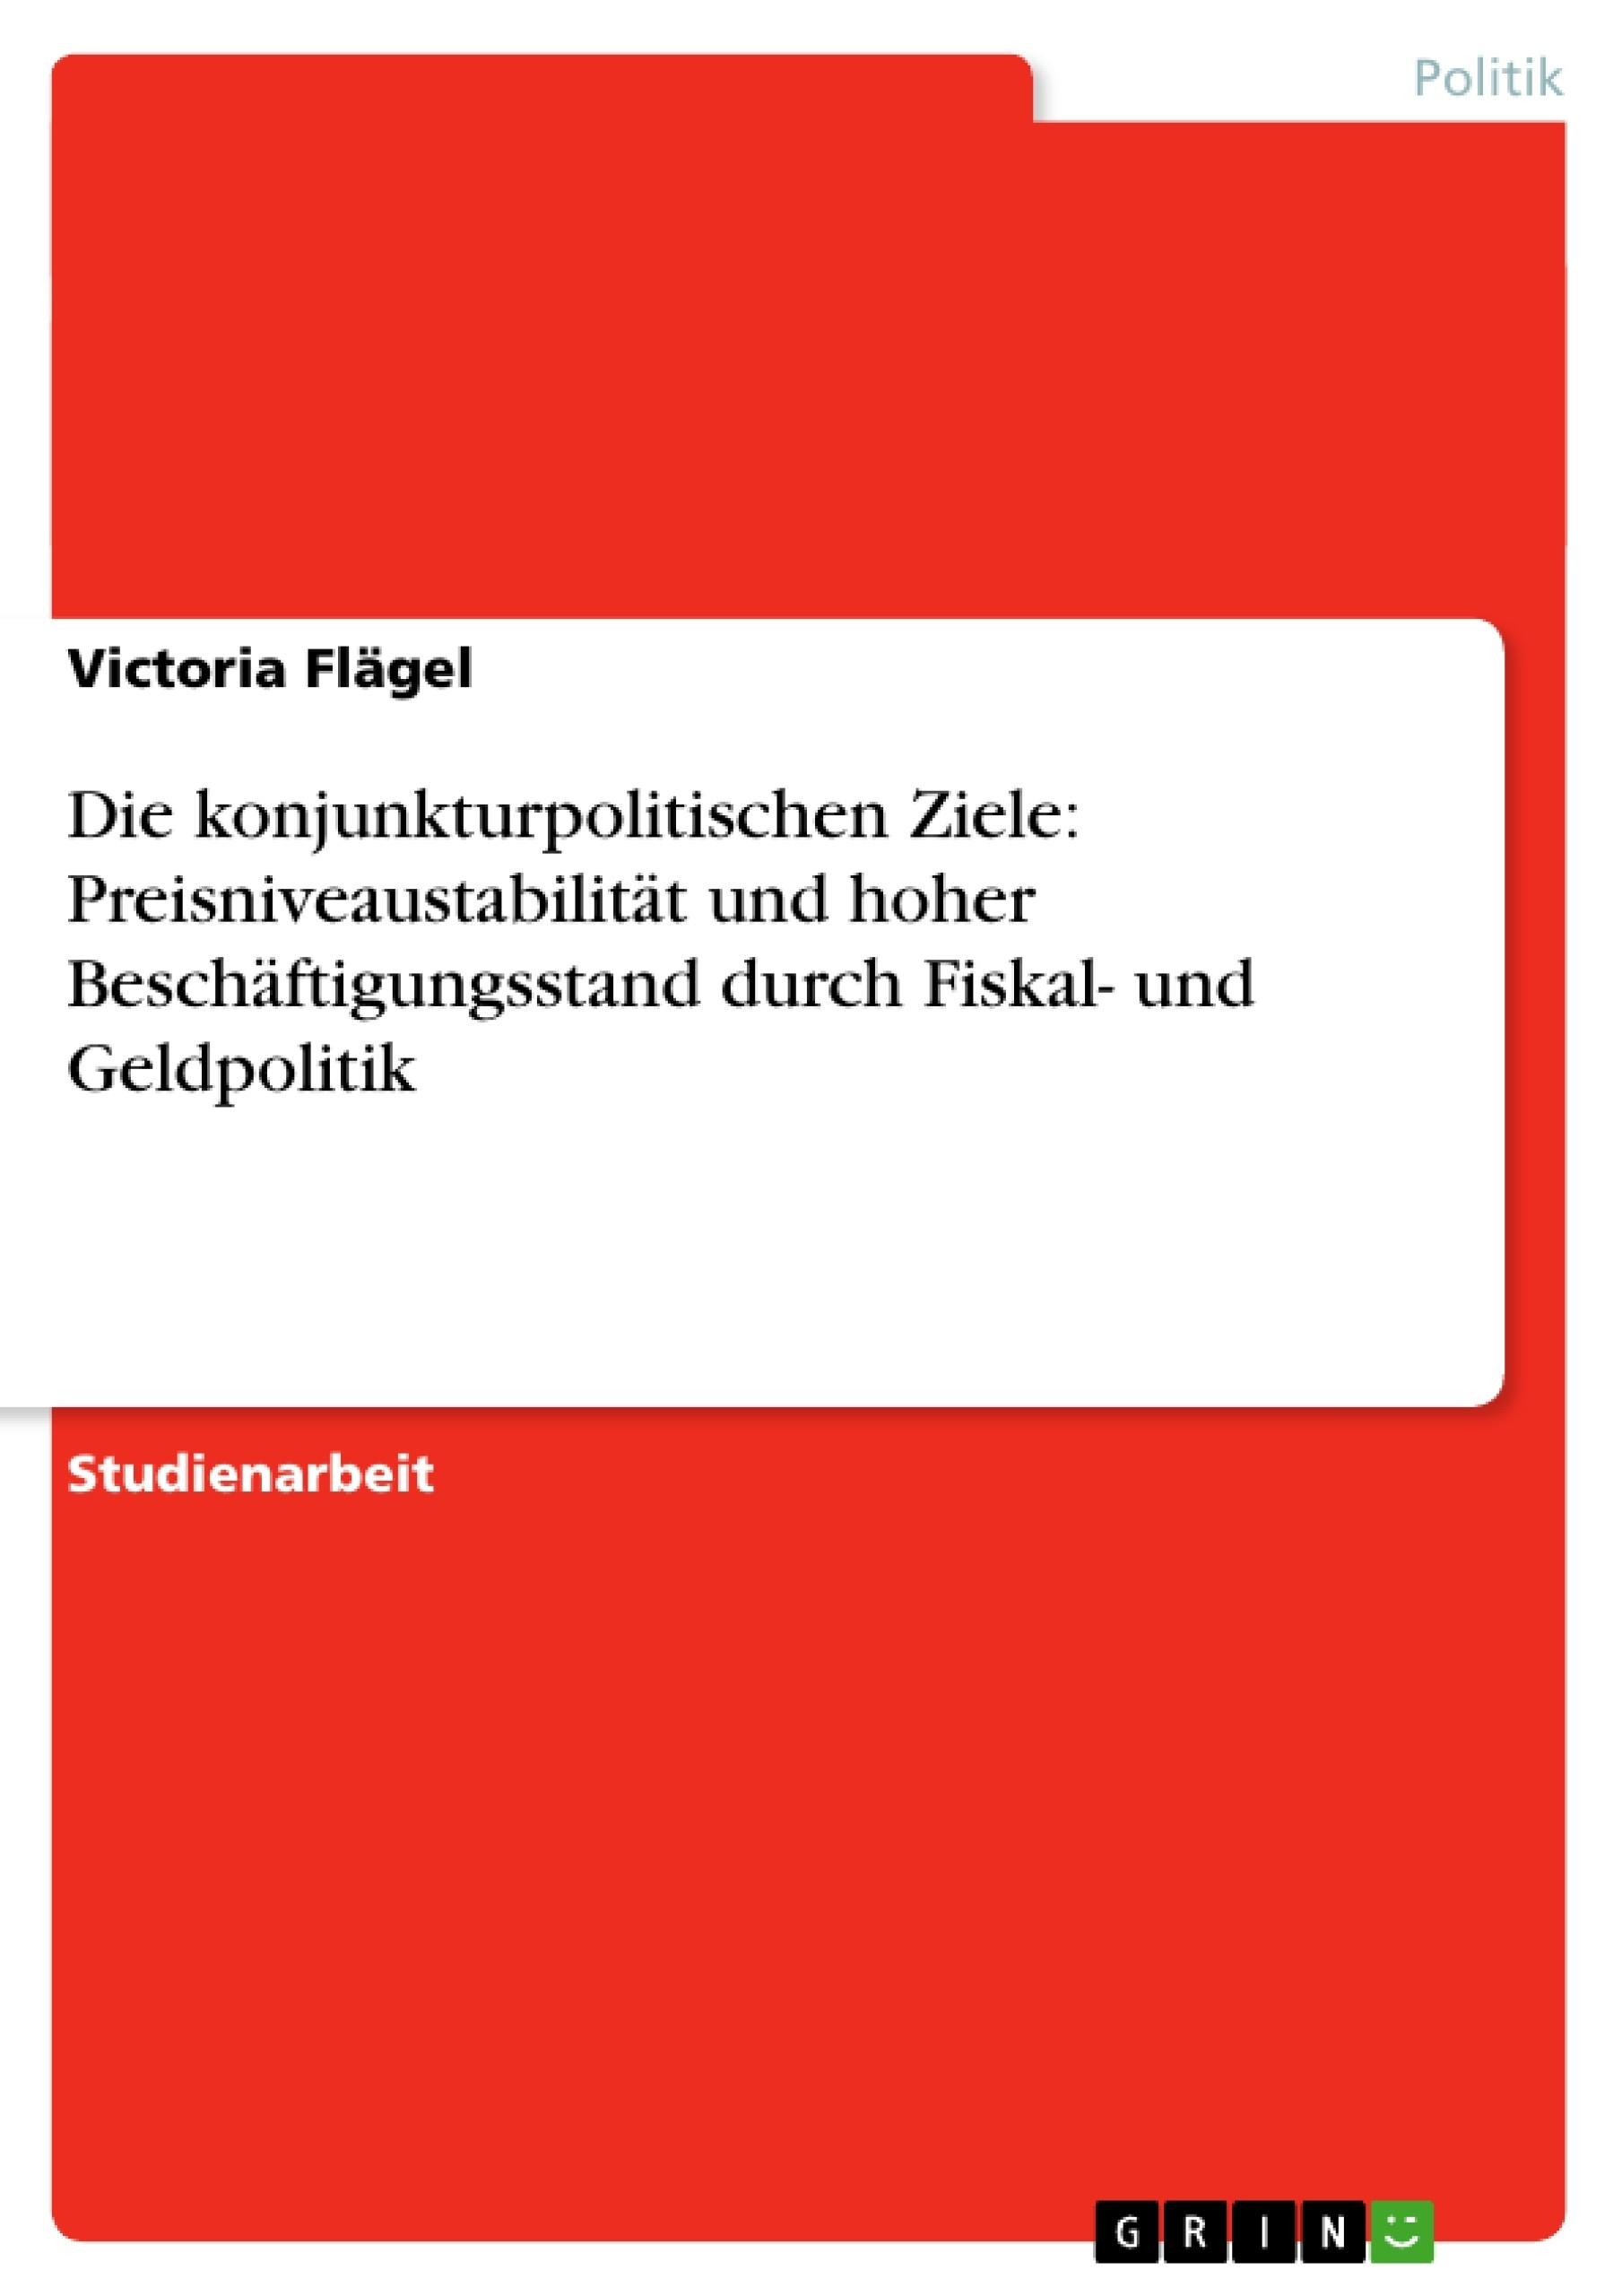 Titel: Die konjunkturpolitischen Ziele: Preisniveaustabilität und hoher Beschäftigungsstand durch Fiskal- und Geldpolitik